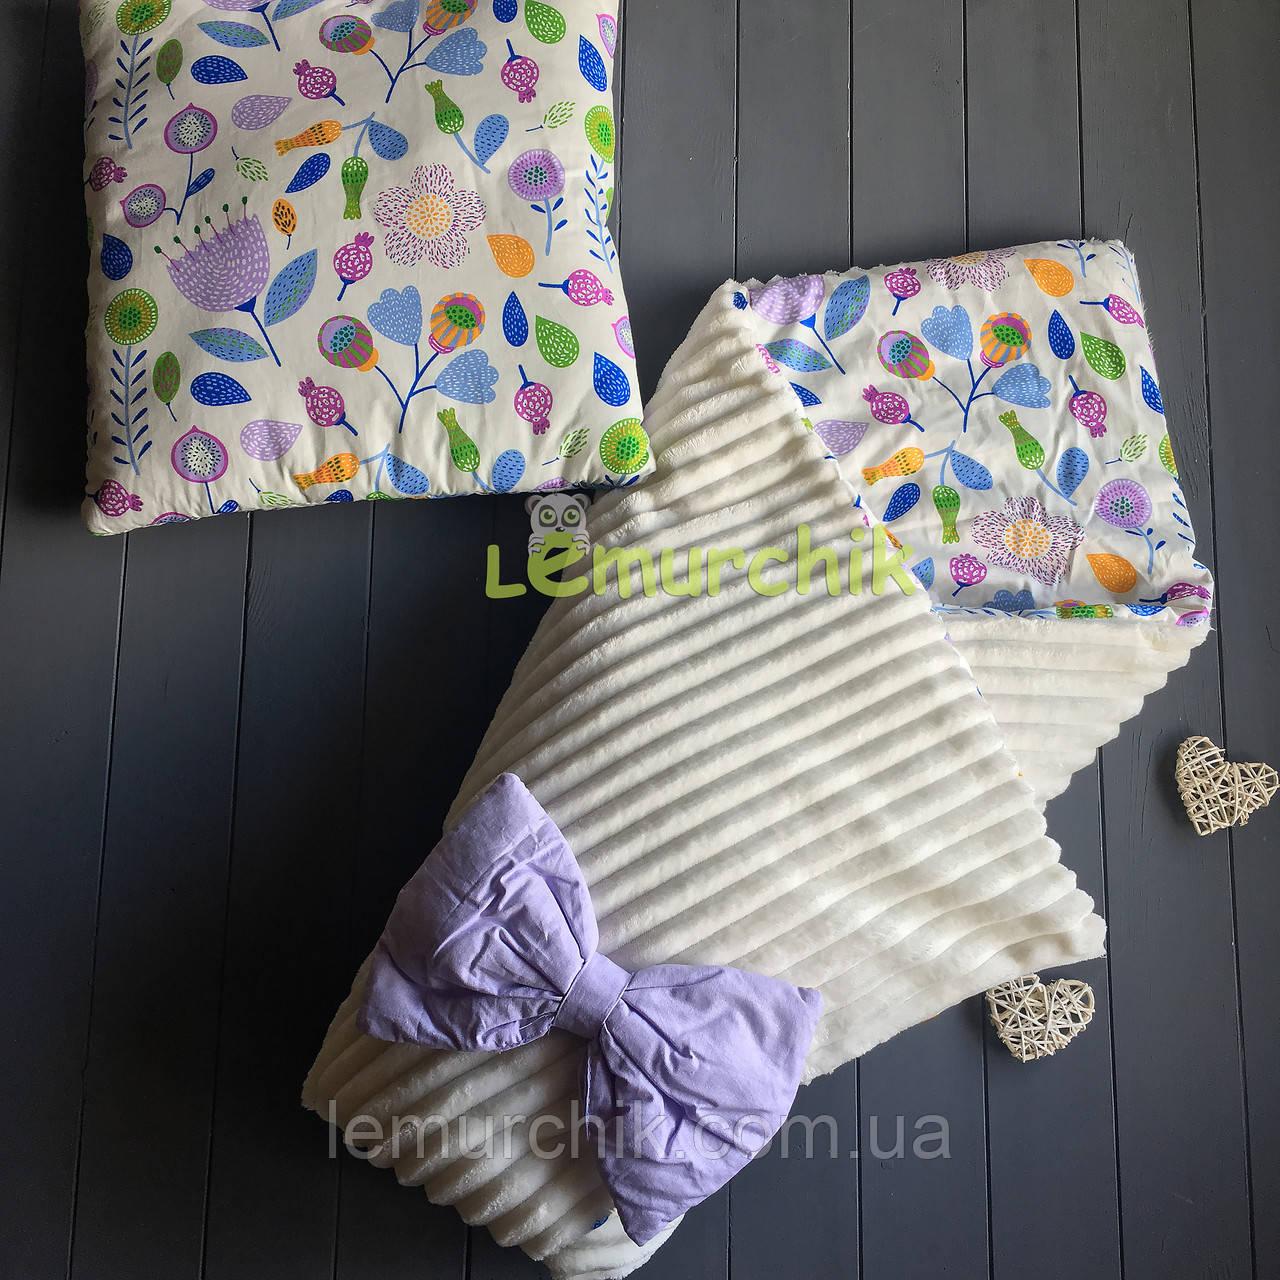 Комплект плюшевый плед-конверт с хлопковой подкладкой и подушка, цветочки